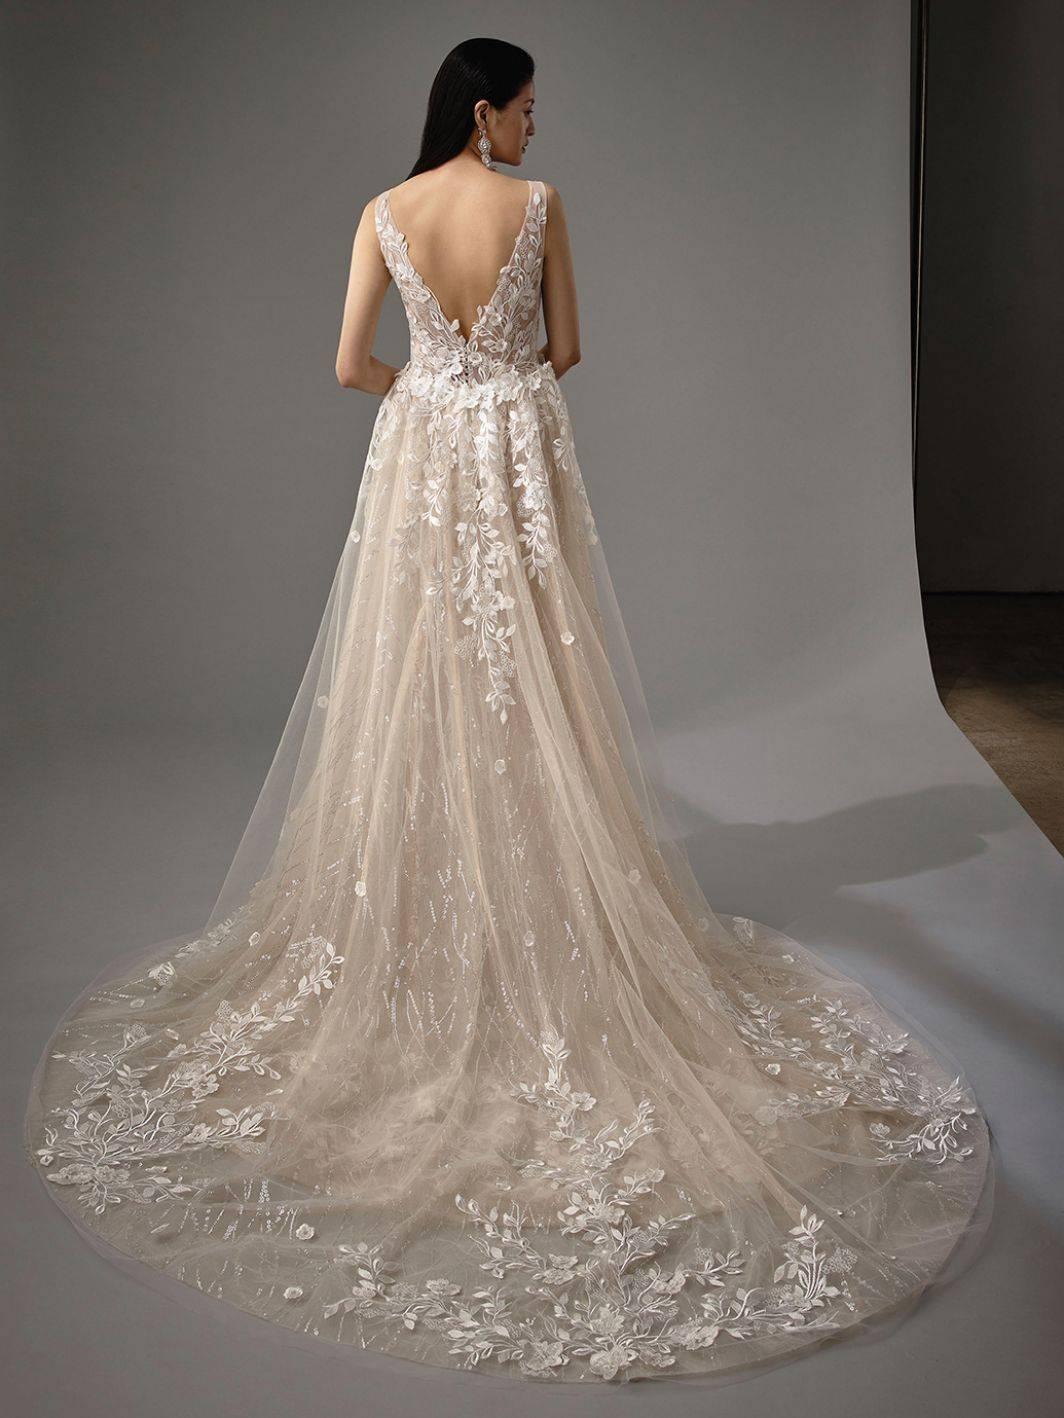 ENZOANI MAI WEDDING DRESS